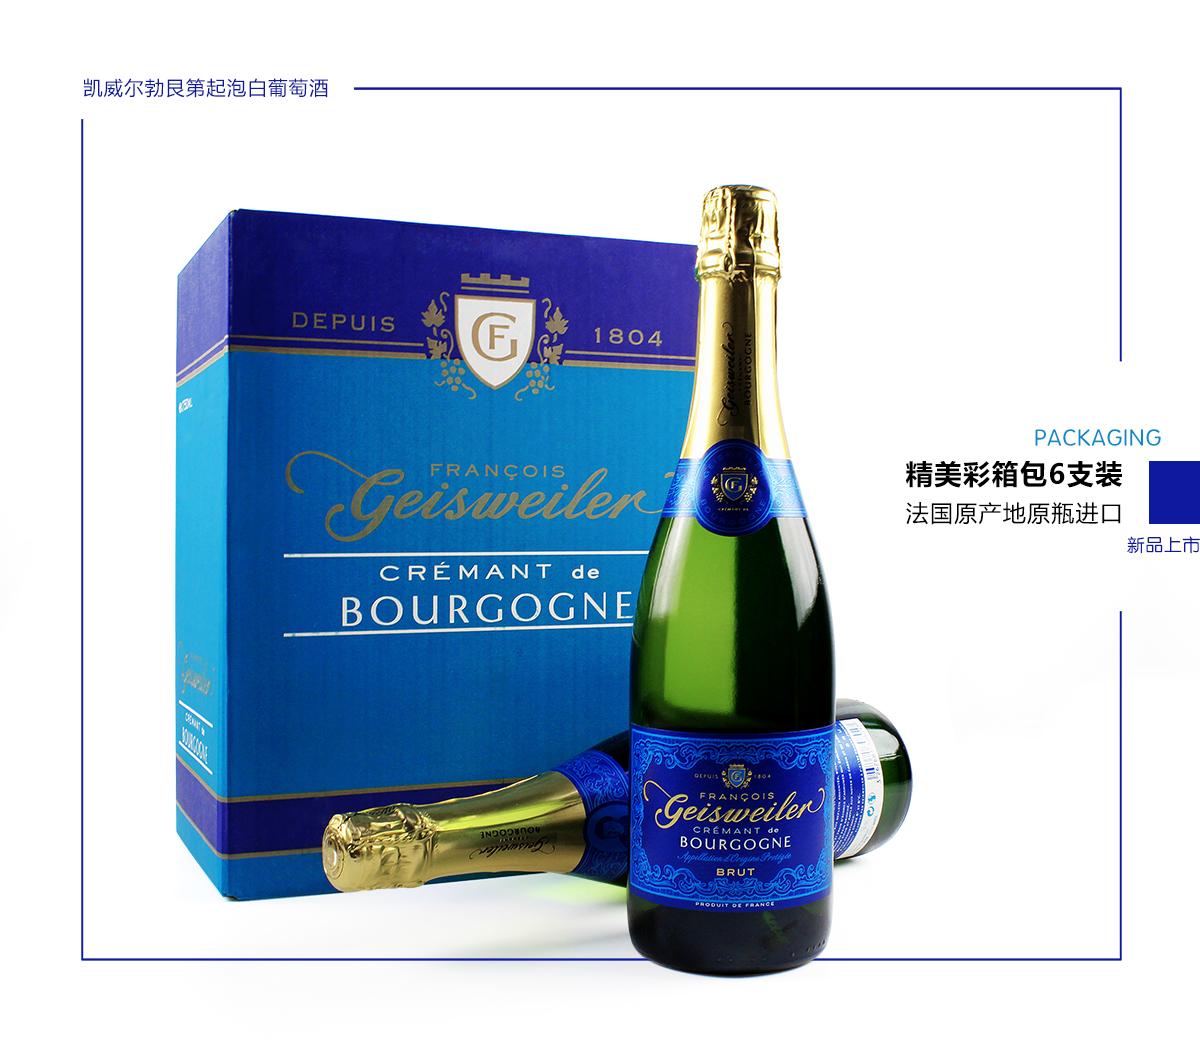 葡萄酒 江西卡奥香槟酒